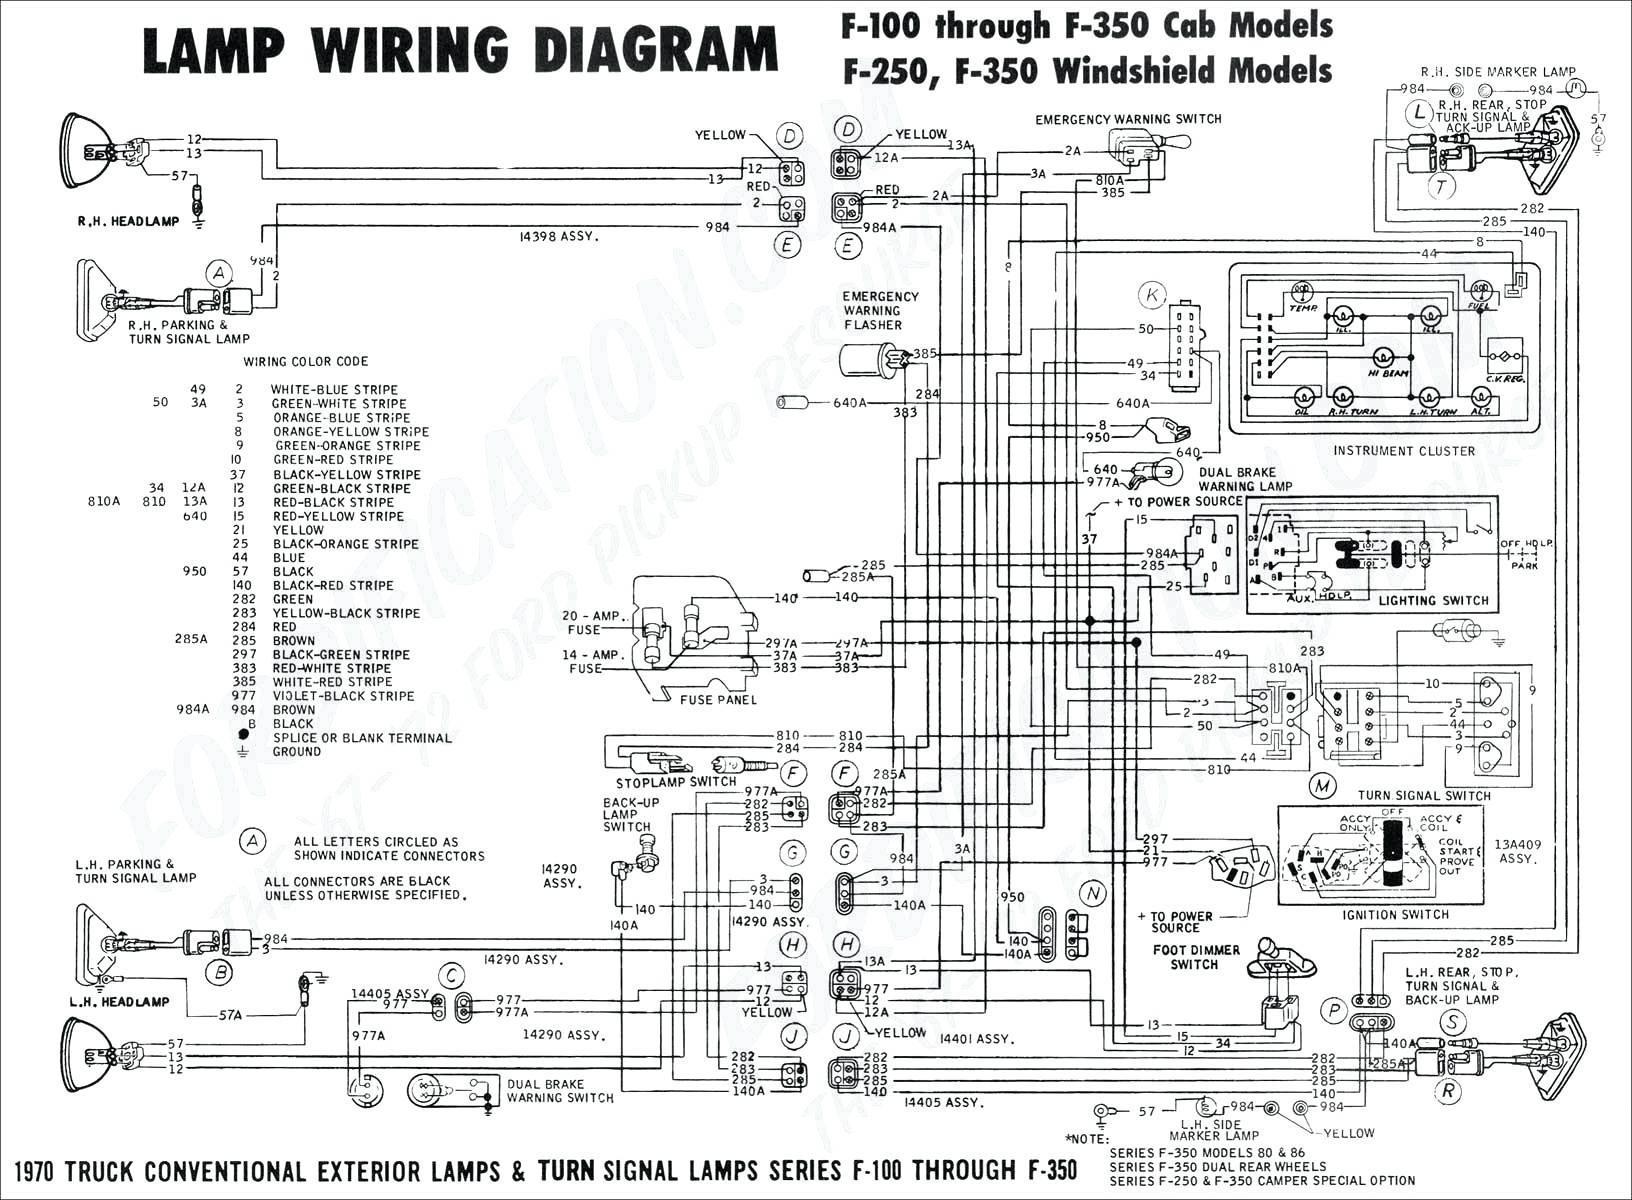 2003 Chevy Silverado Engine Diagram 2003 Silverado 1500 Wiring Diagram Of 2003 Chevy Silverado Engine Diagram